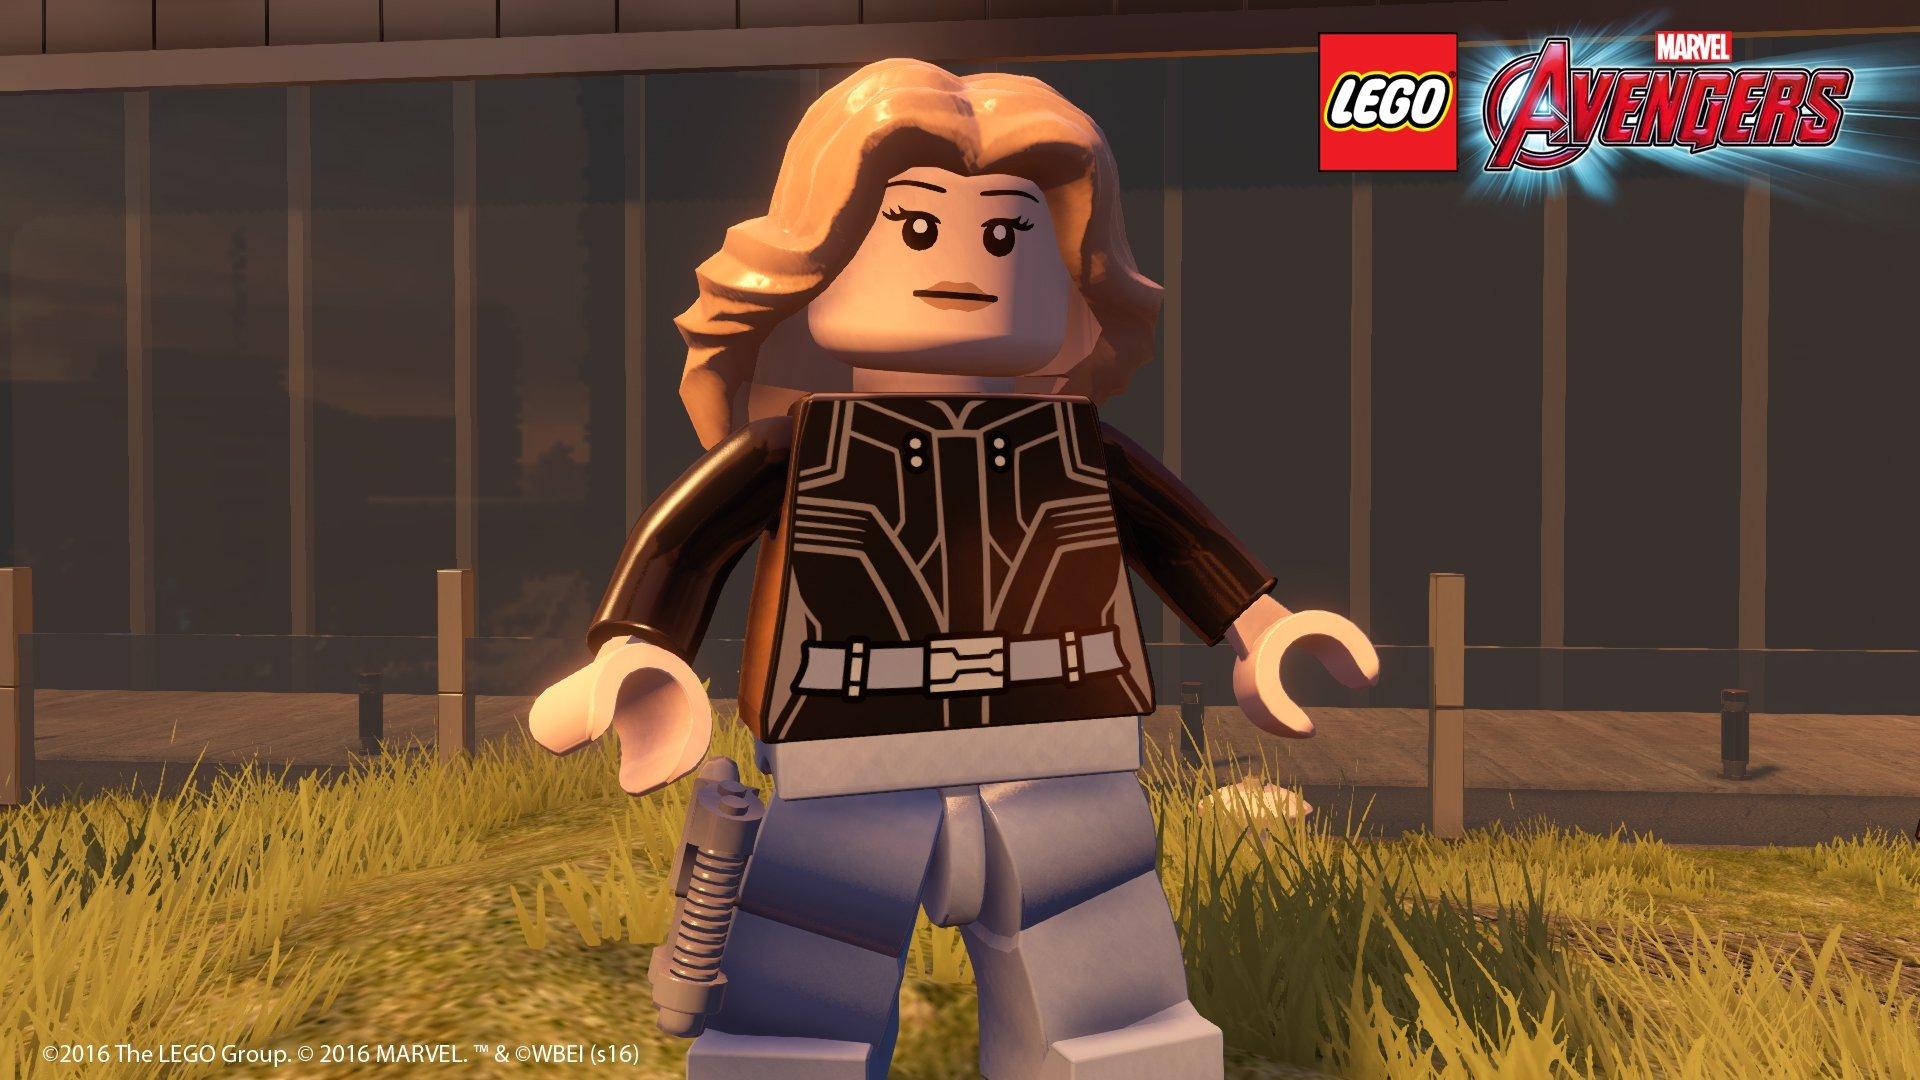 lego_marvel_s_avengers-3274662.jpg